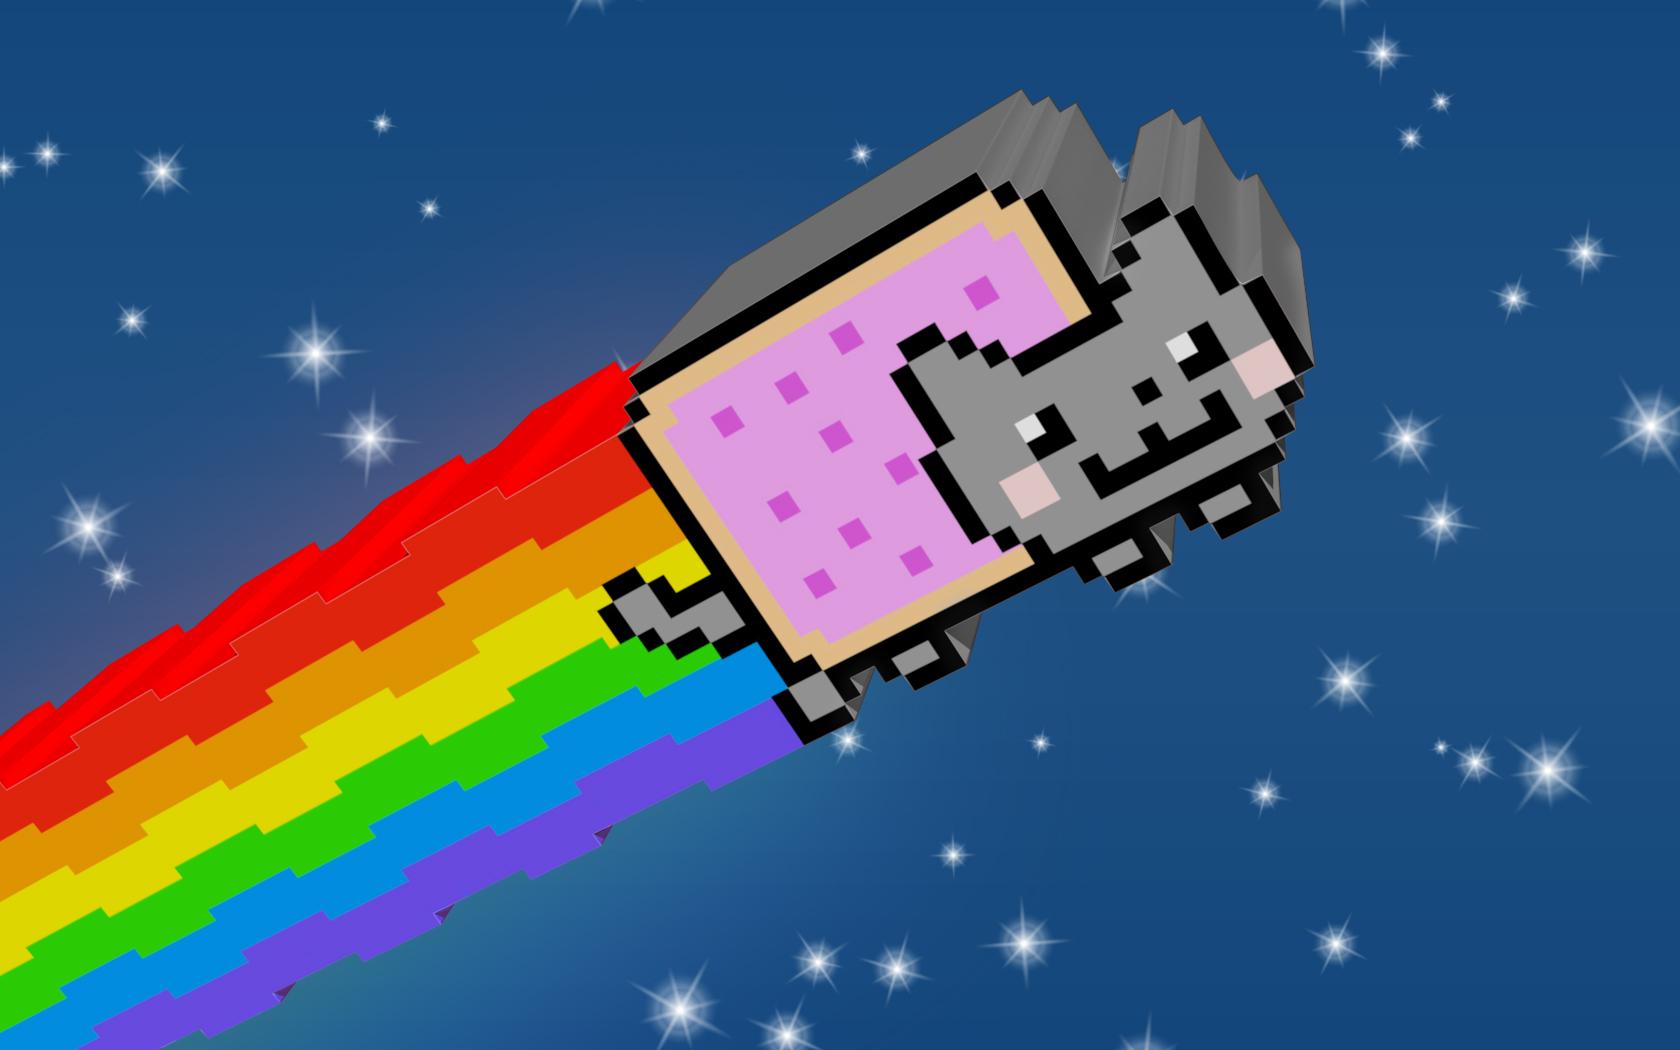 3d_pop_tart_cat_by_pluttn-d3e1y1p.jpg